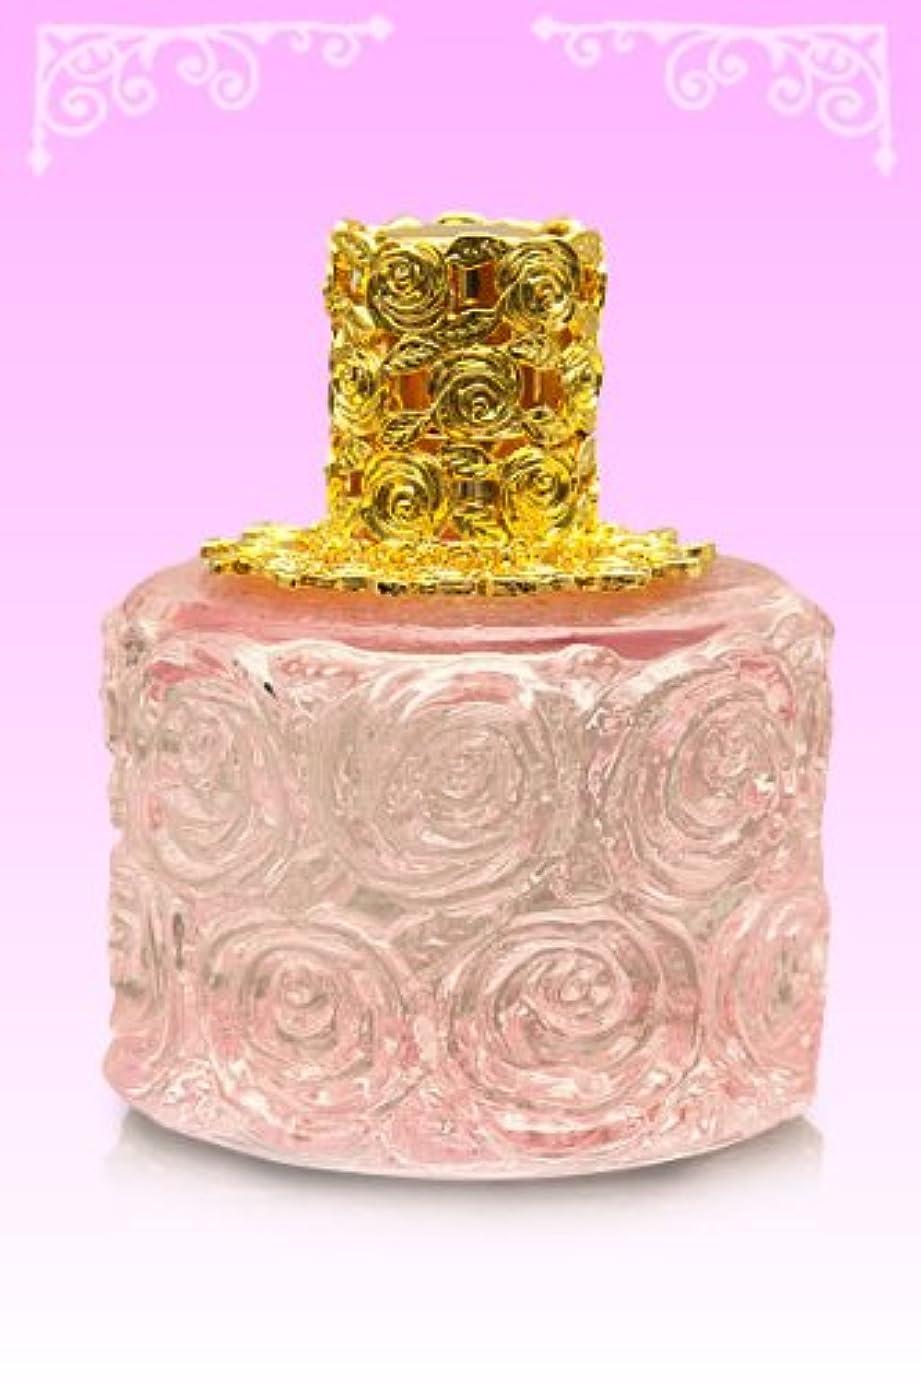 ヤング知人言語学【ノエルランプ】ミニローズランプ ピンク?ゴールド ランプベルジェ製アロマオイルでも使用可